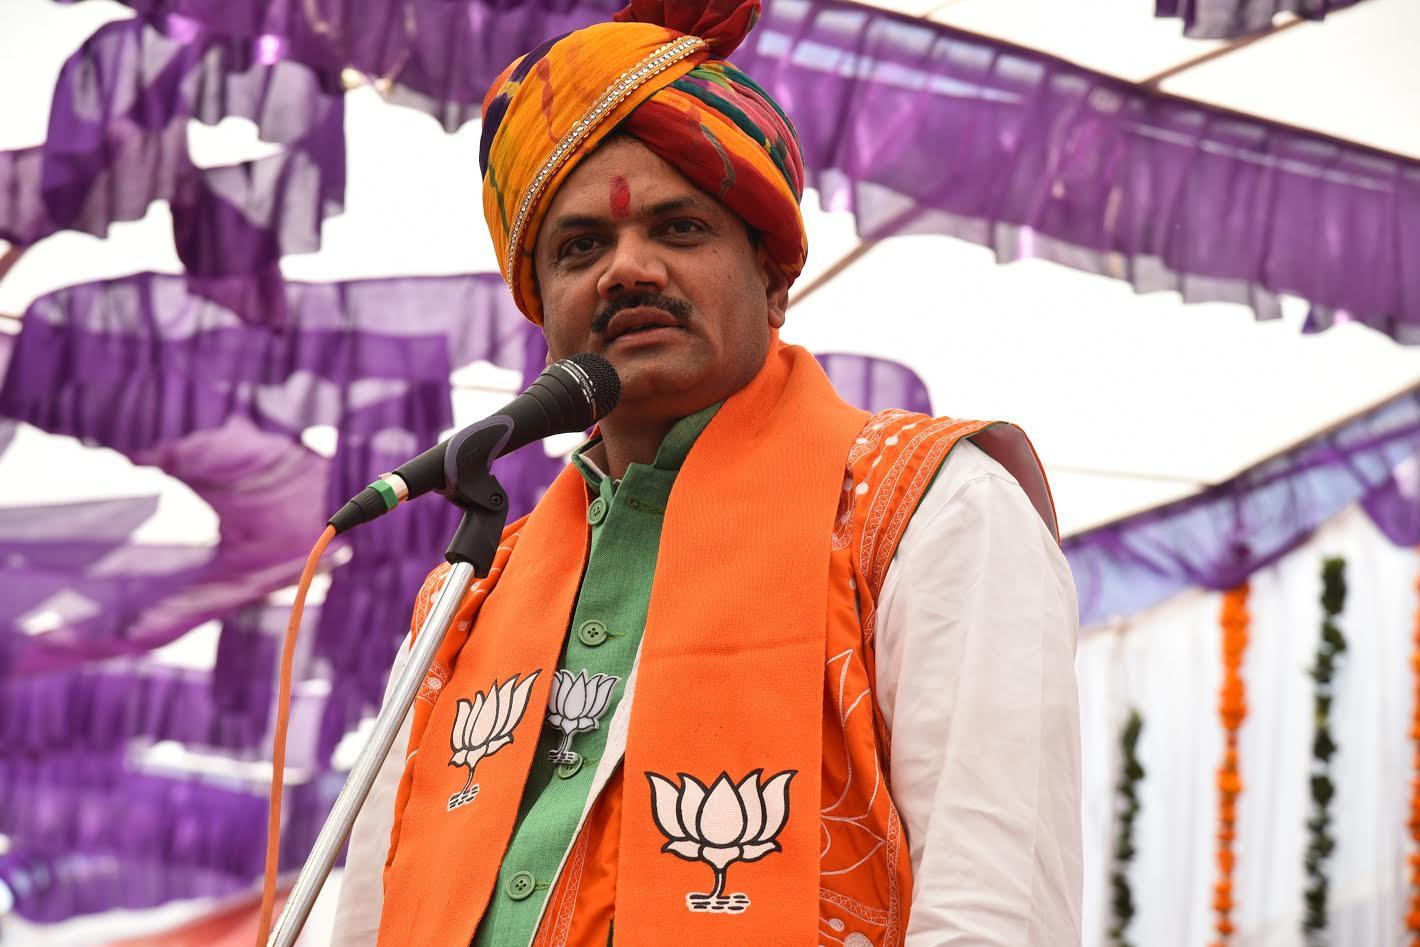 લોકલ બોડી ચૂંટણીને અનુસંધાને ગુજરાત ભાજપ ગુરુવારે જિલ્લા પ્રમુખો સાથે બેઠક યોજશે